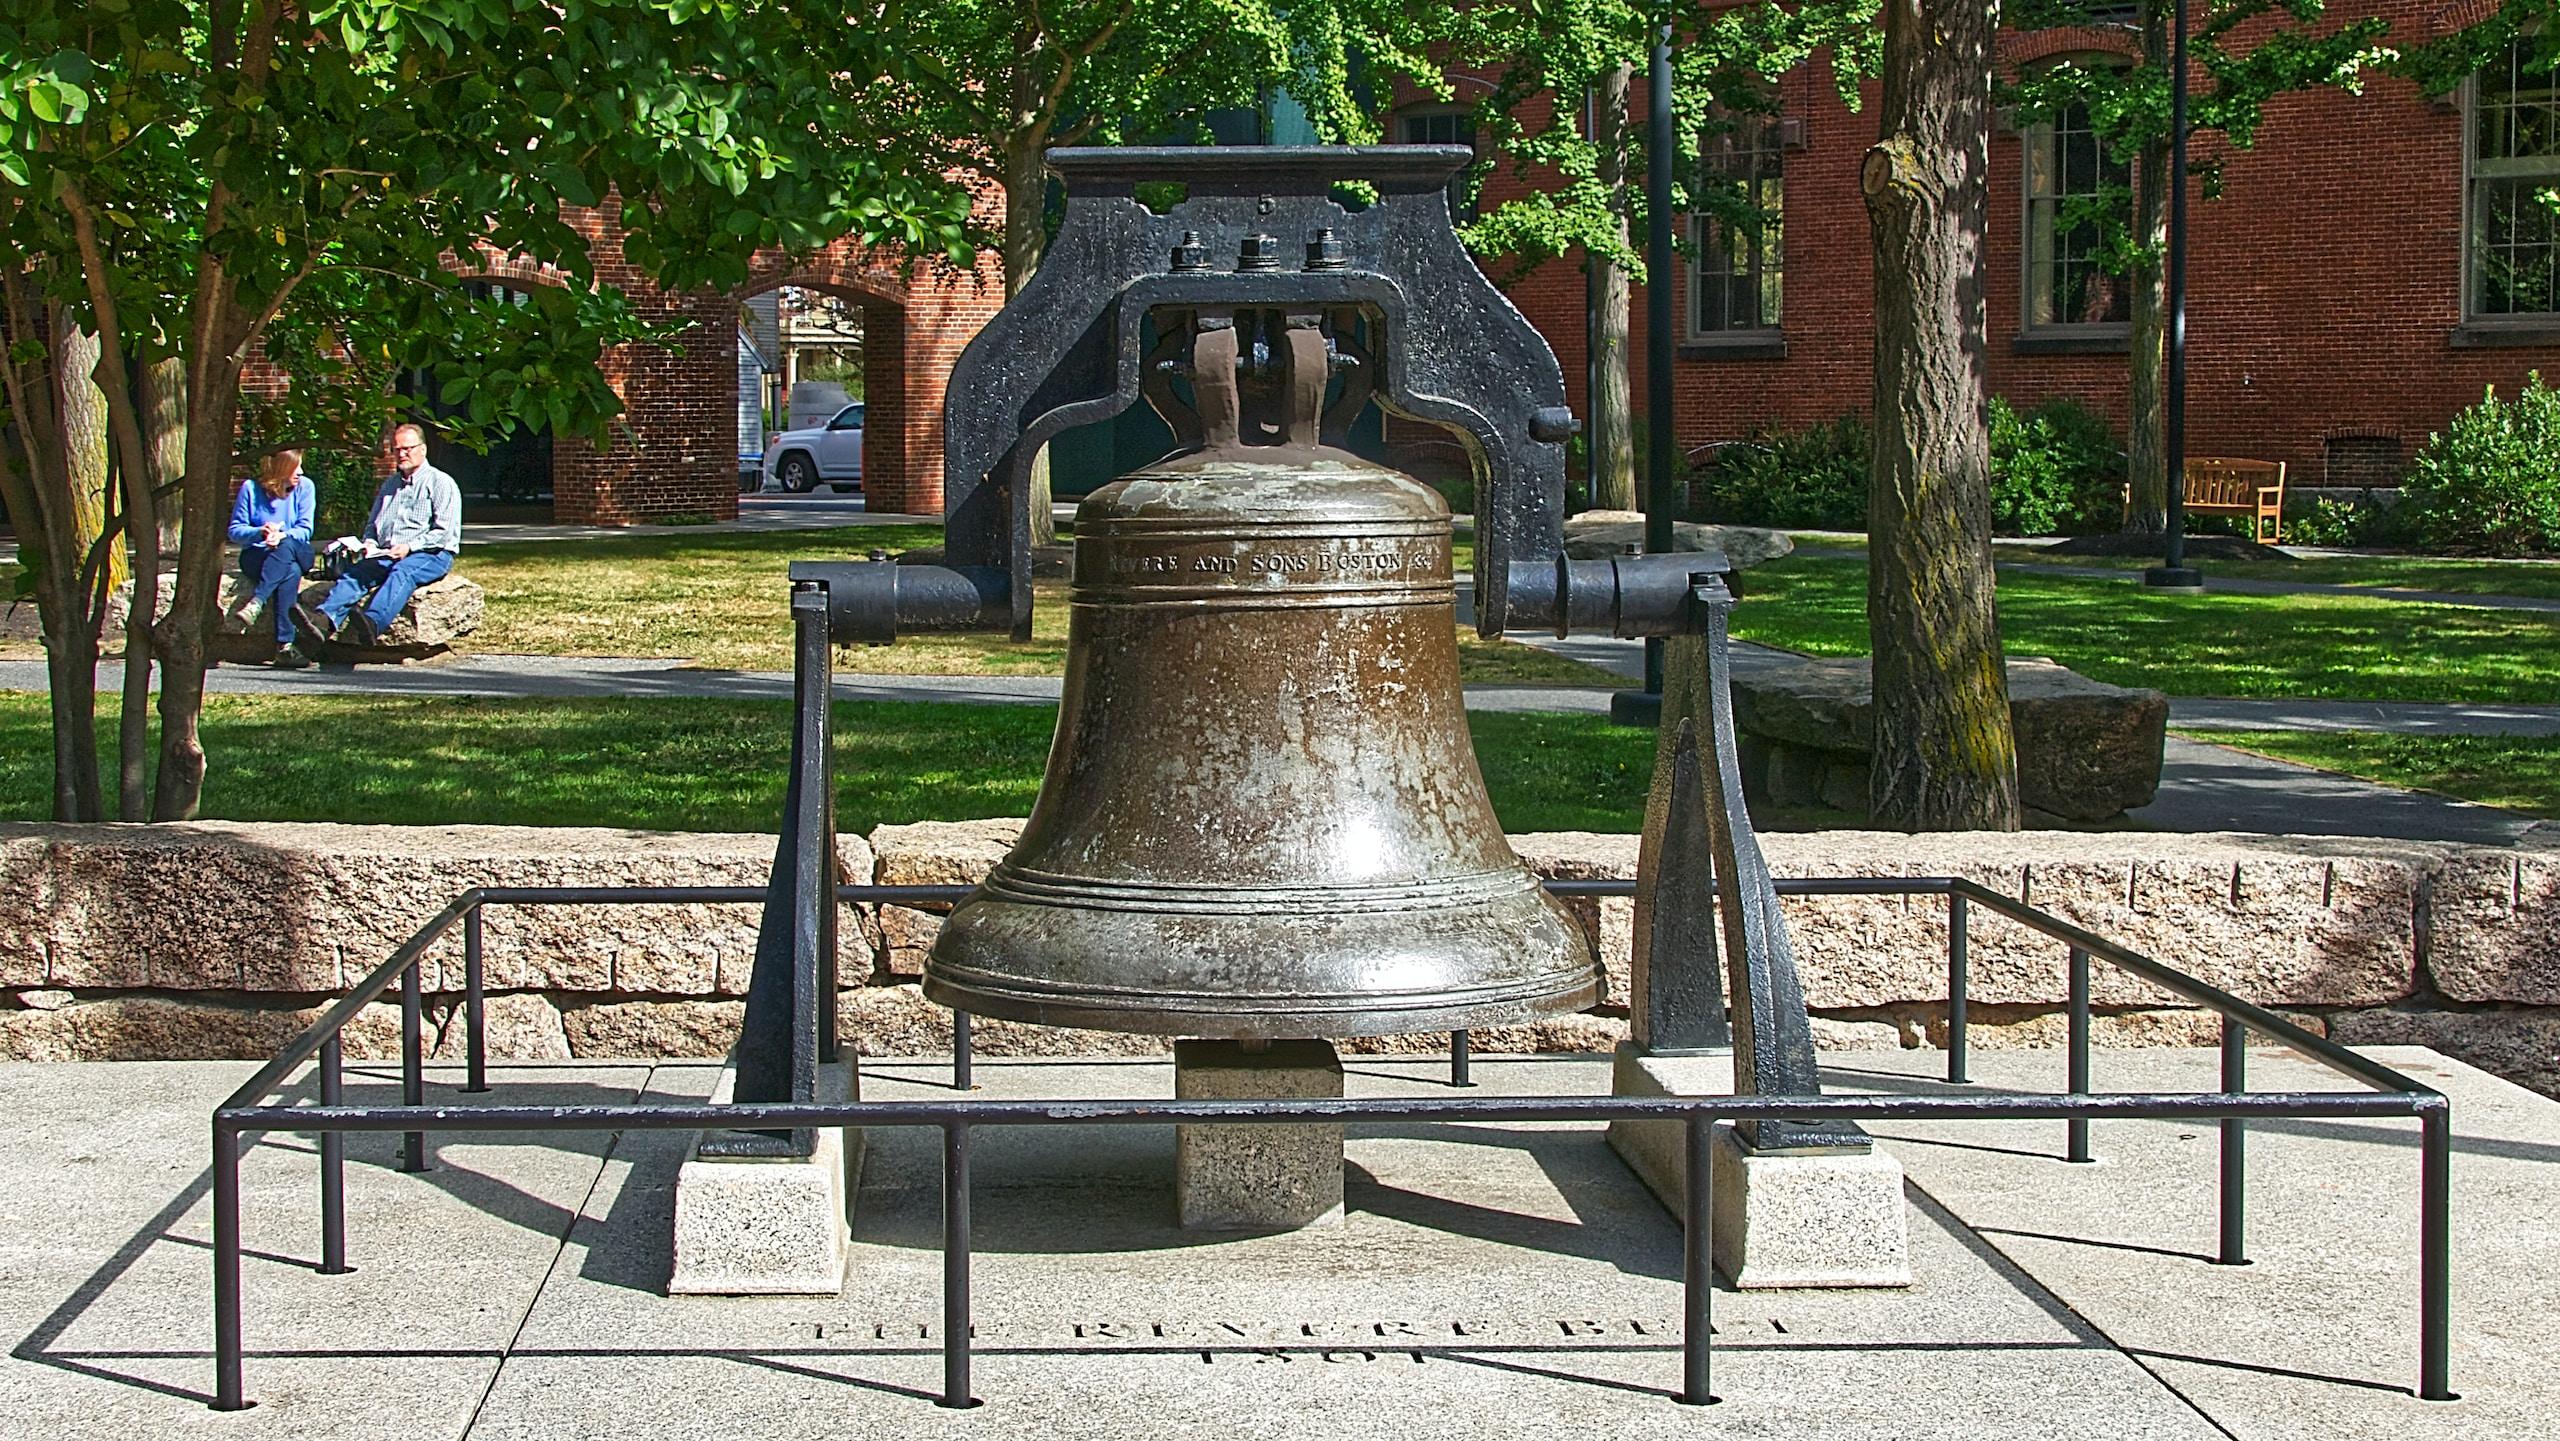 Cette cloche est actuellement exposée dans un monument aux anciens combattants du comté d'Essex à Peabody Park.  L'histoire autour de cette cloche peut être résumé ainsi : · Le ministre d'East Church, le révérend William Bentley, a commandé cette illustre cloche de l'usine de Paul Revere dans le North End de Boston en 1801. Elle était suspendue au beffroi de l'église, alors située au coin des rues Hardy et Essex.  C'était la troisième et la plus grande cloche à être utilisée par cette église.·...